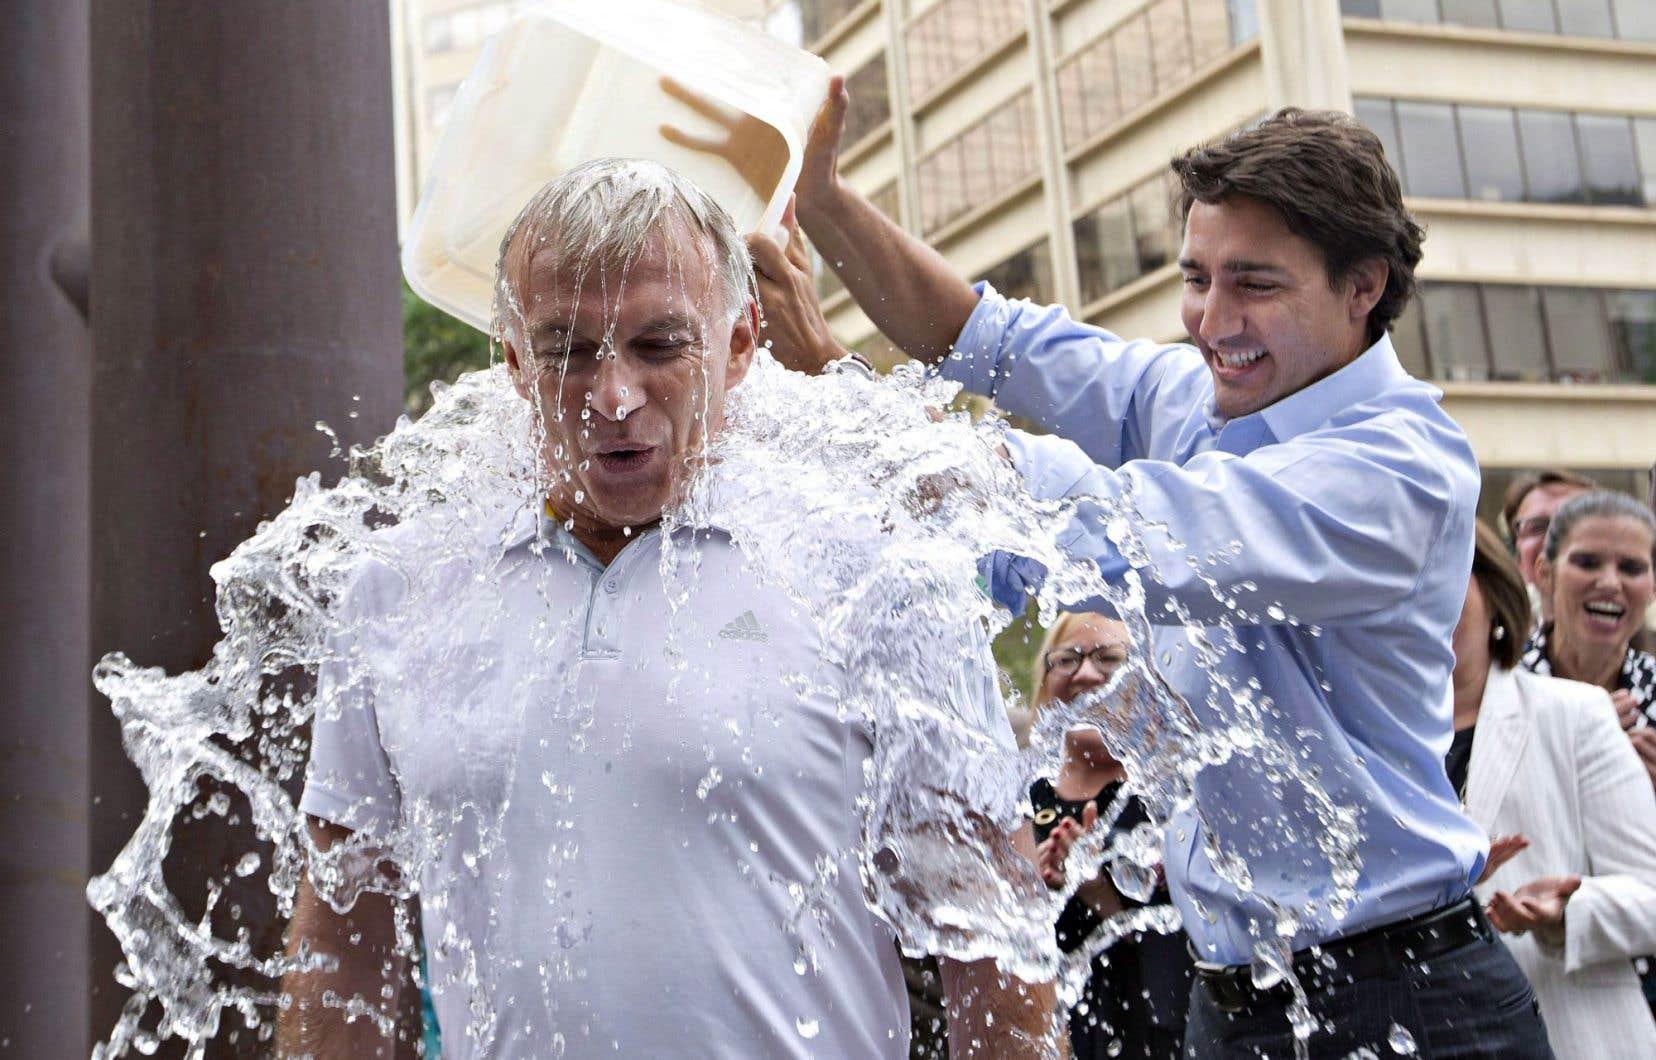 Au nom de la lutte contre la sclérose latérale amyotrophique, on a vu des stars, et beaucoup d'anonymes, se verser un seau d'eau glacée sur la tête. Sur la photo, Justin Trudeau se prêtant à l'exercice avec le député libéral Sean Casey, en août2014.